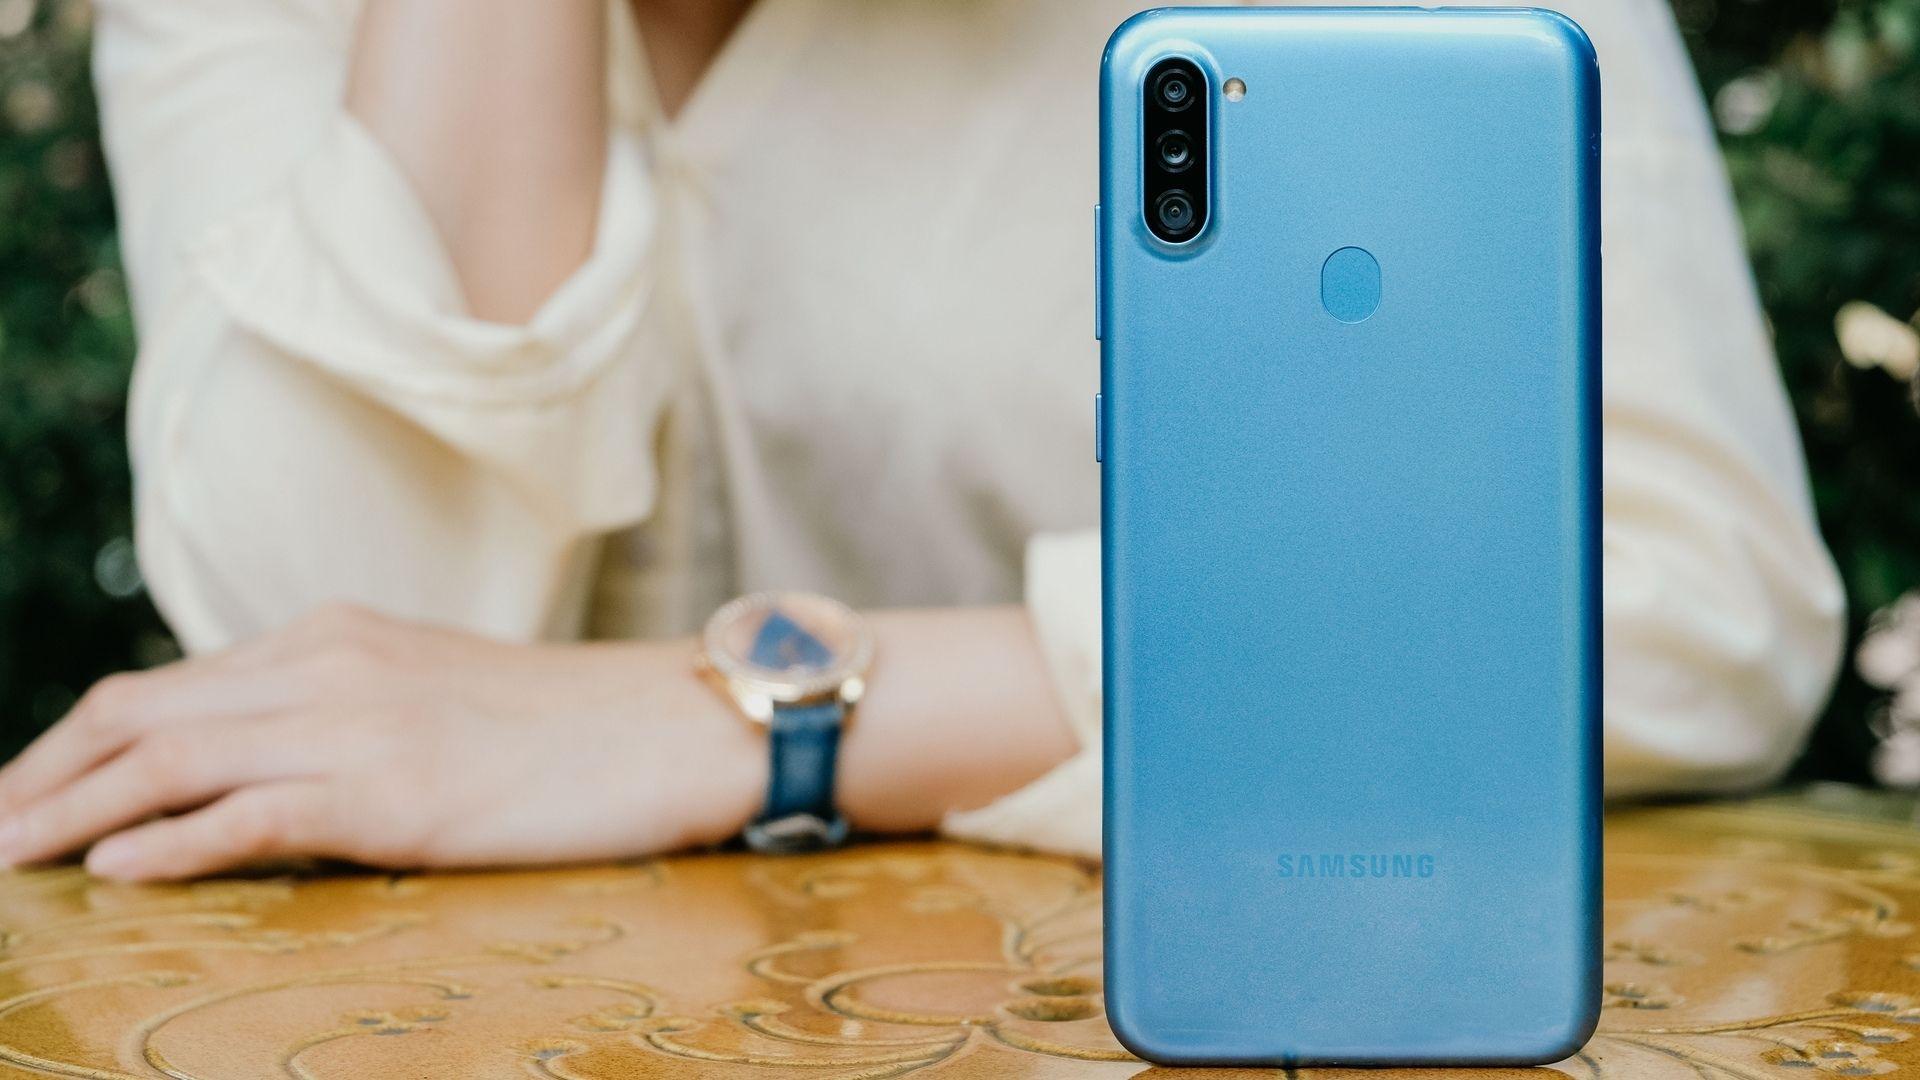 Mãos de mulher apoiadas em mesa com Samsung A11 em primeiro plano na cor azul com traseira destacada